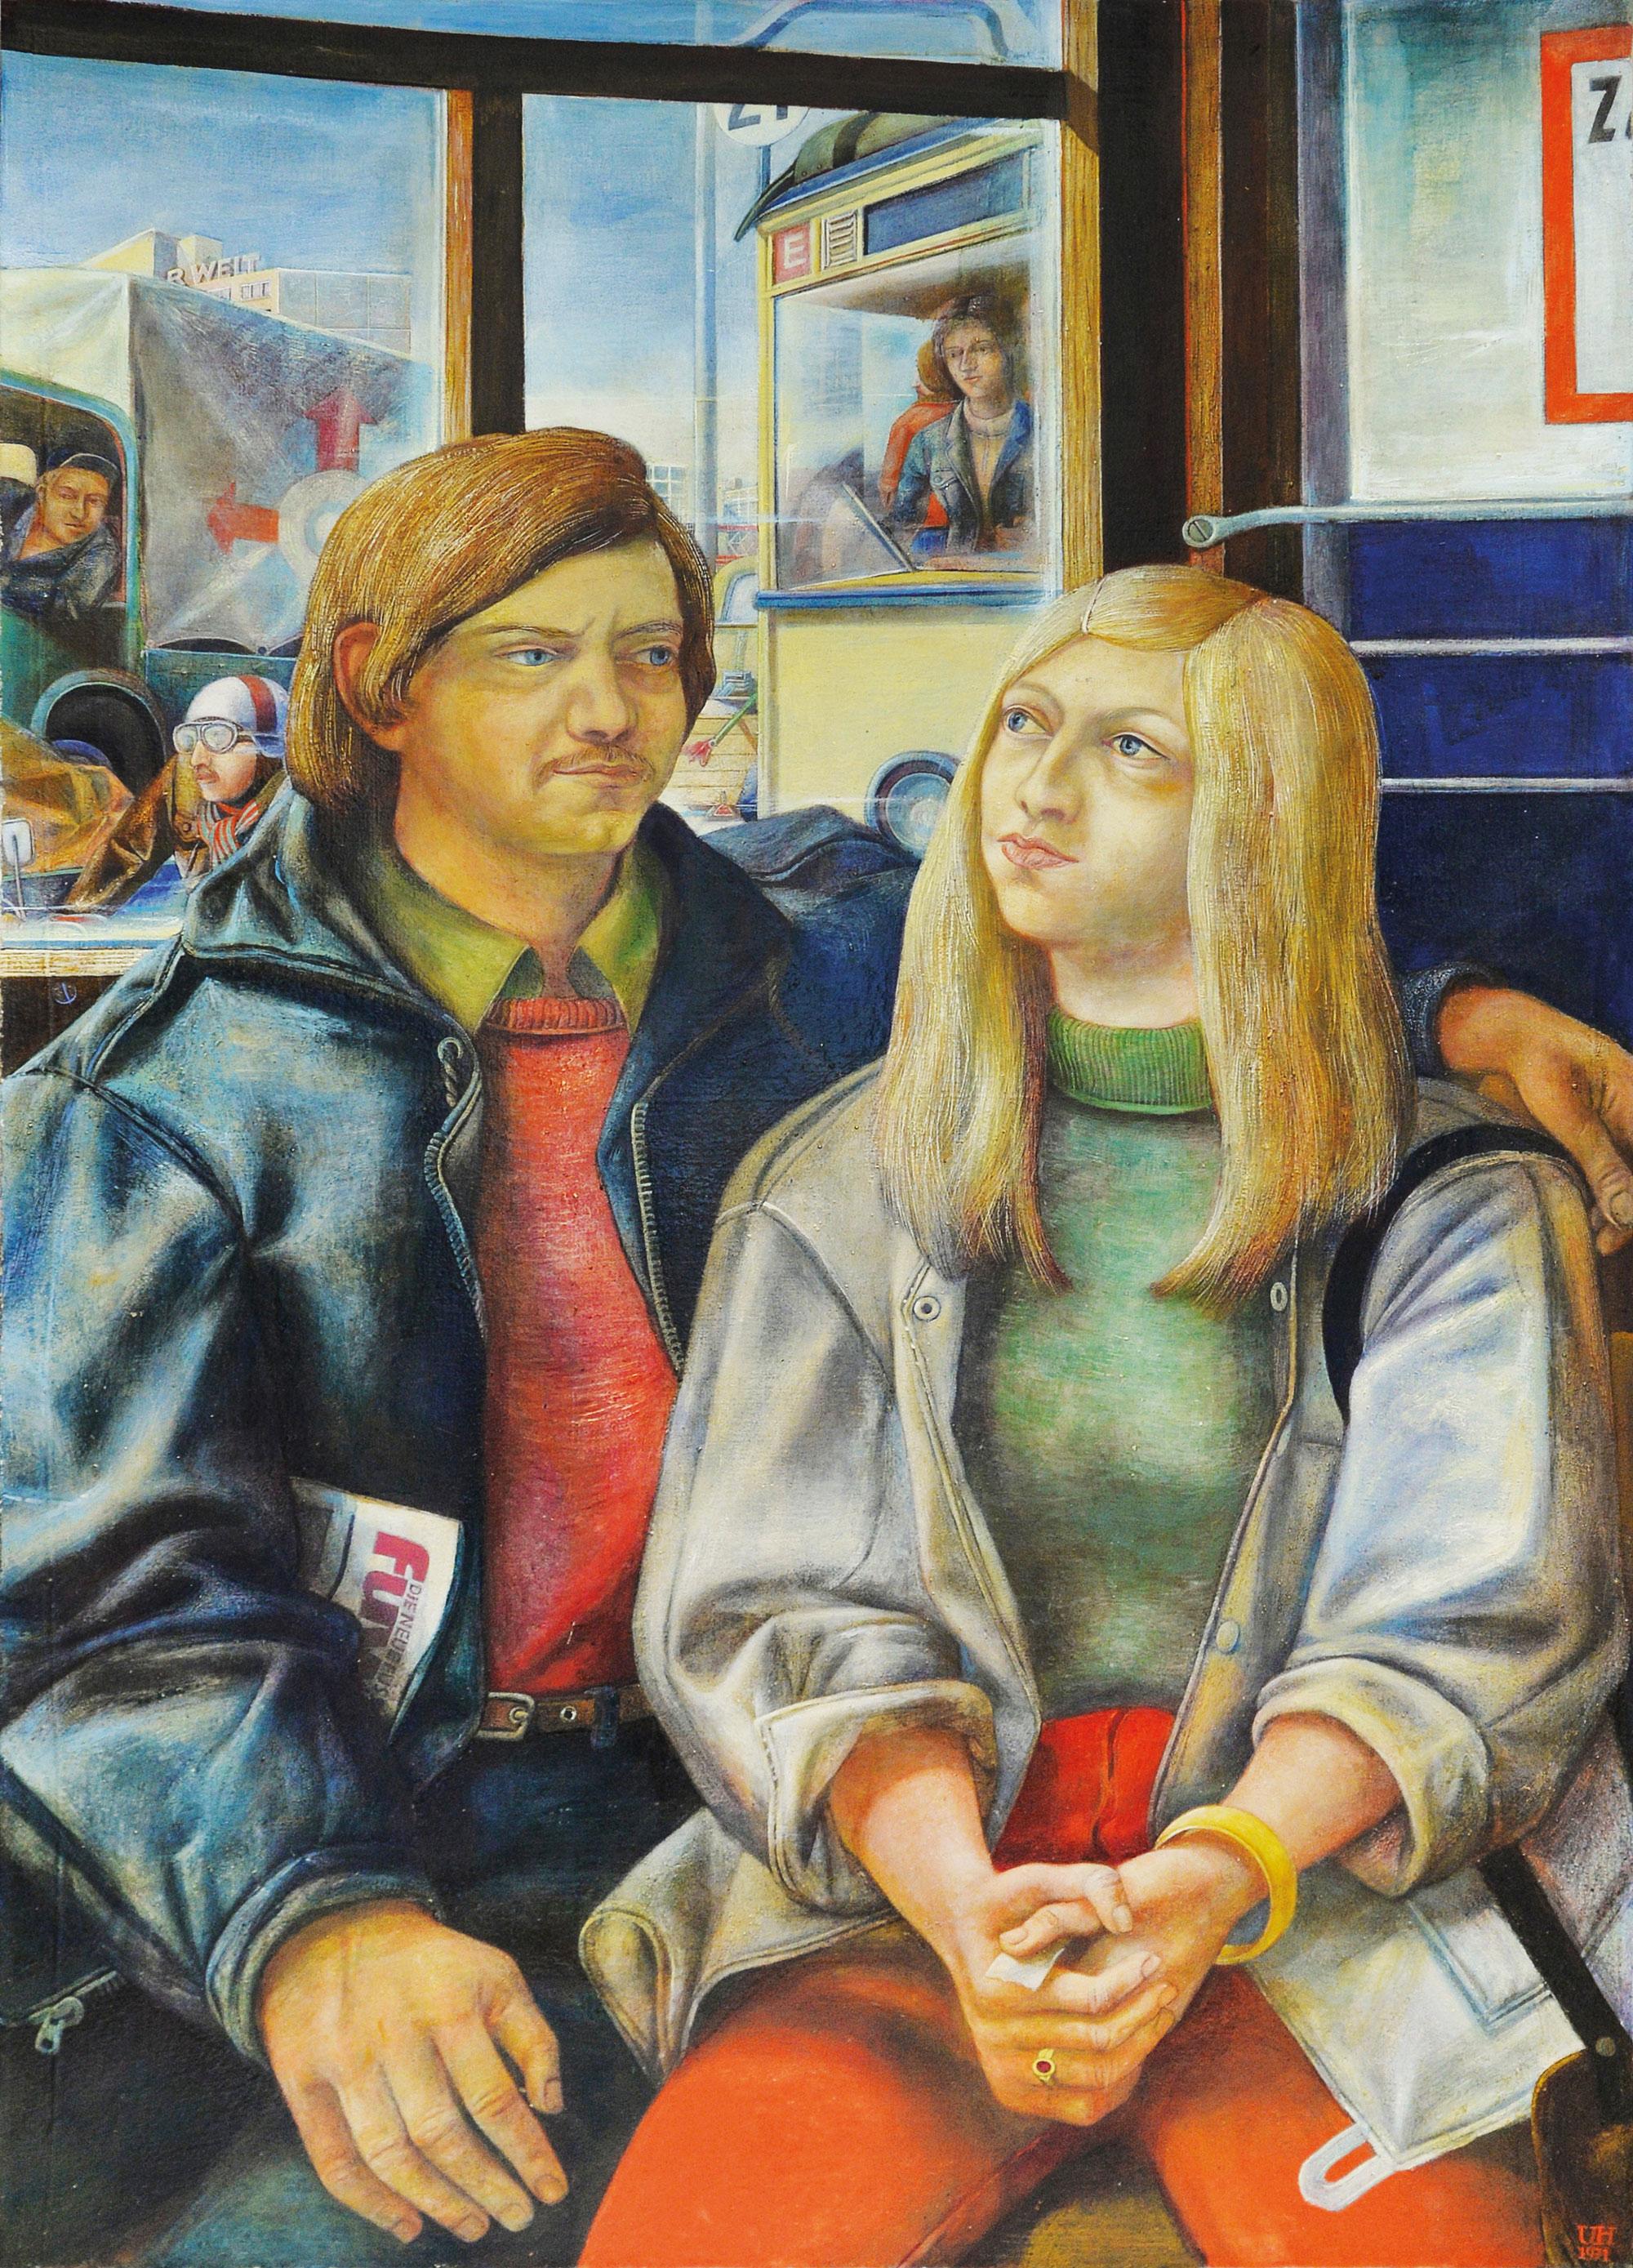 Ulrich Hachulla Junges Paar in der Straßenbahn  1971 125,0 x 90,0 cm Mischtechnik auf Leinwand Kunsthalle Rostock  Foto: Kunsthalle Rostock © VG Bild-Kunst, Bonn 2019